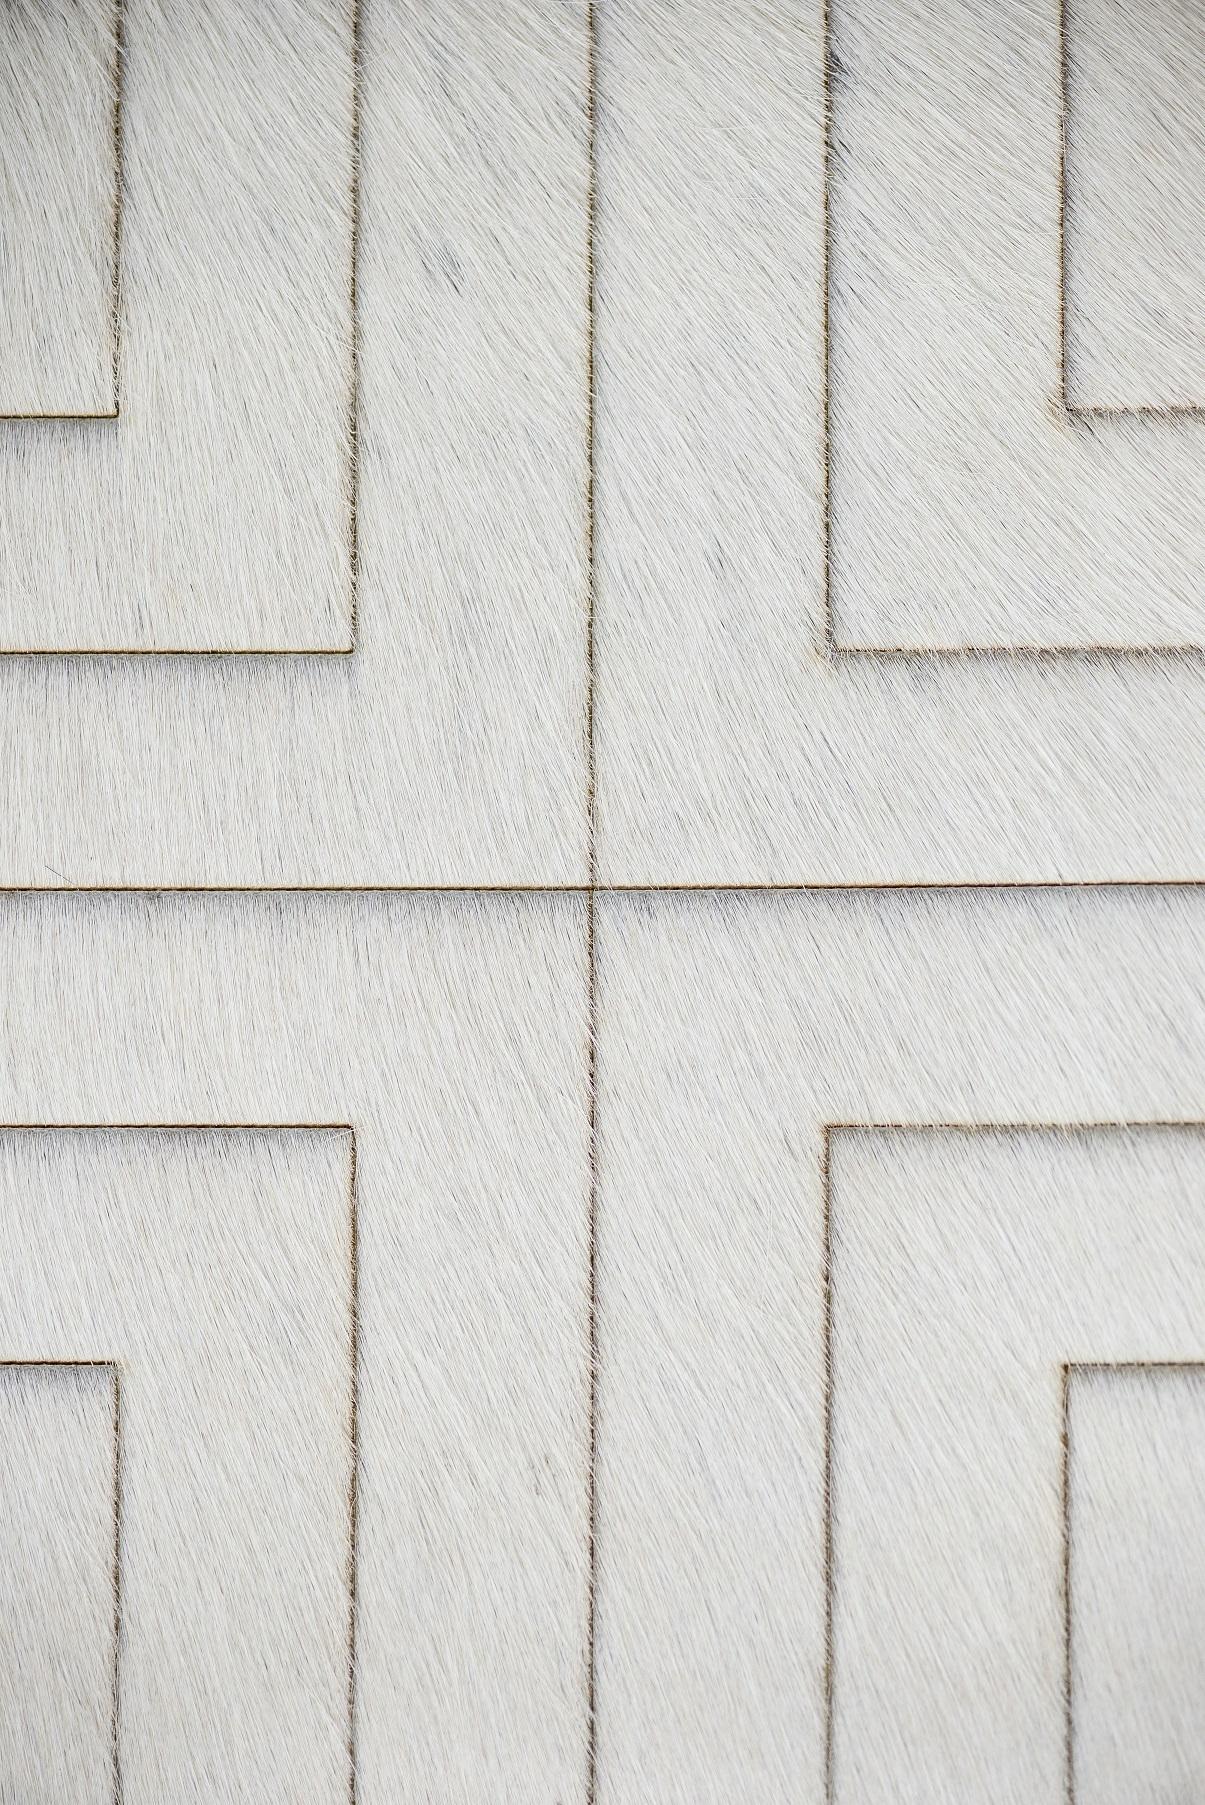 Fotos do produto Tapete Couro Salvatore Cali da arquiteta Renata McCartney para o Rota HAUS. Local: Persépolis. Al Julia da Costa 1648 - Bigorrilho.